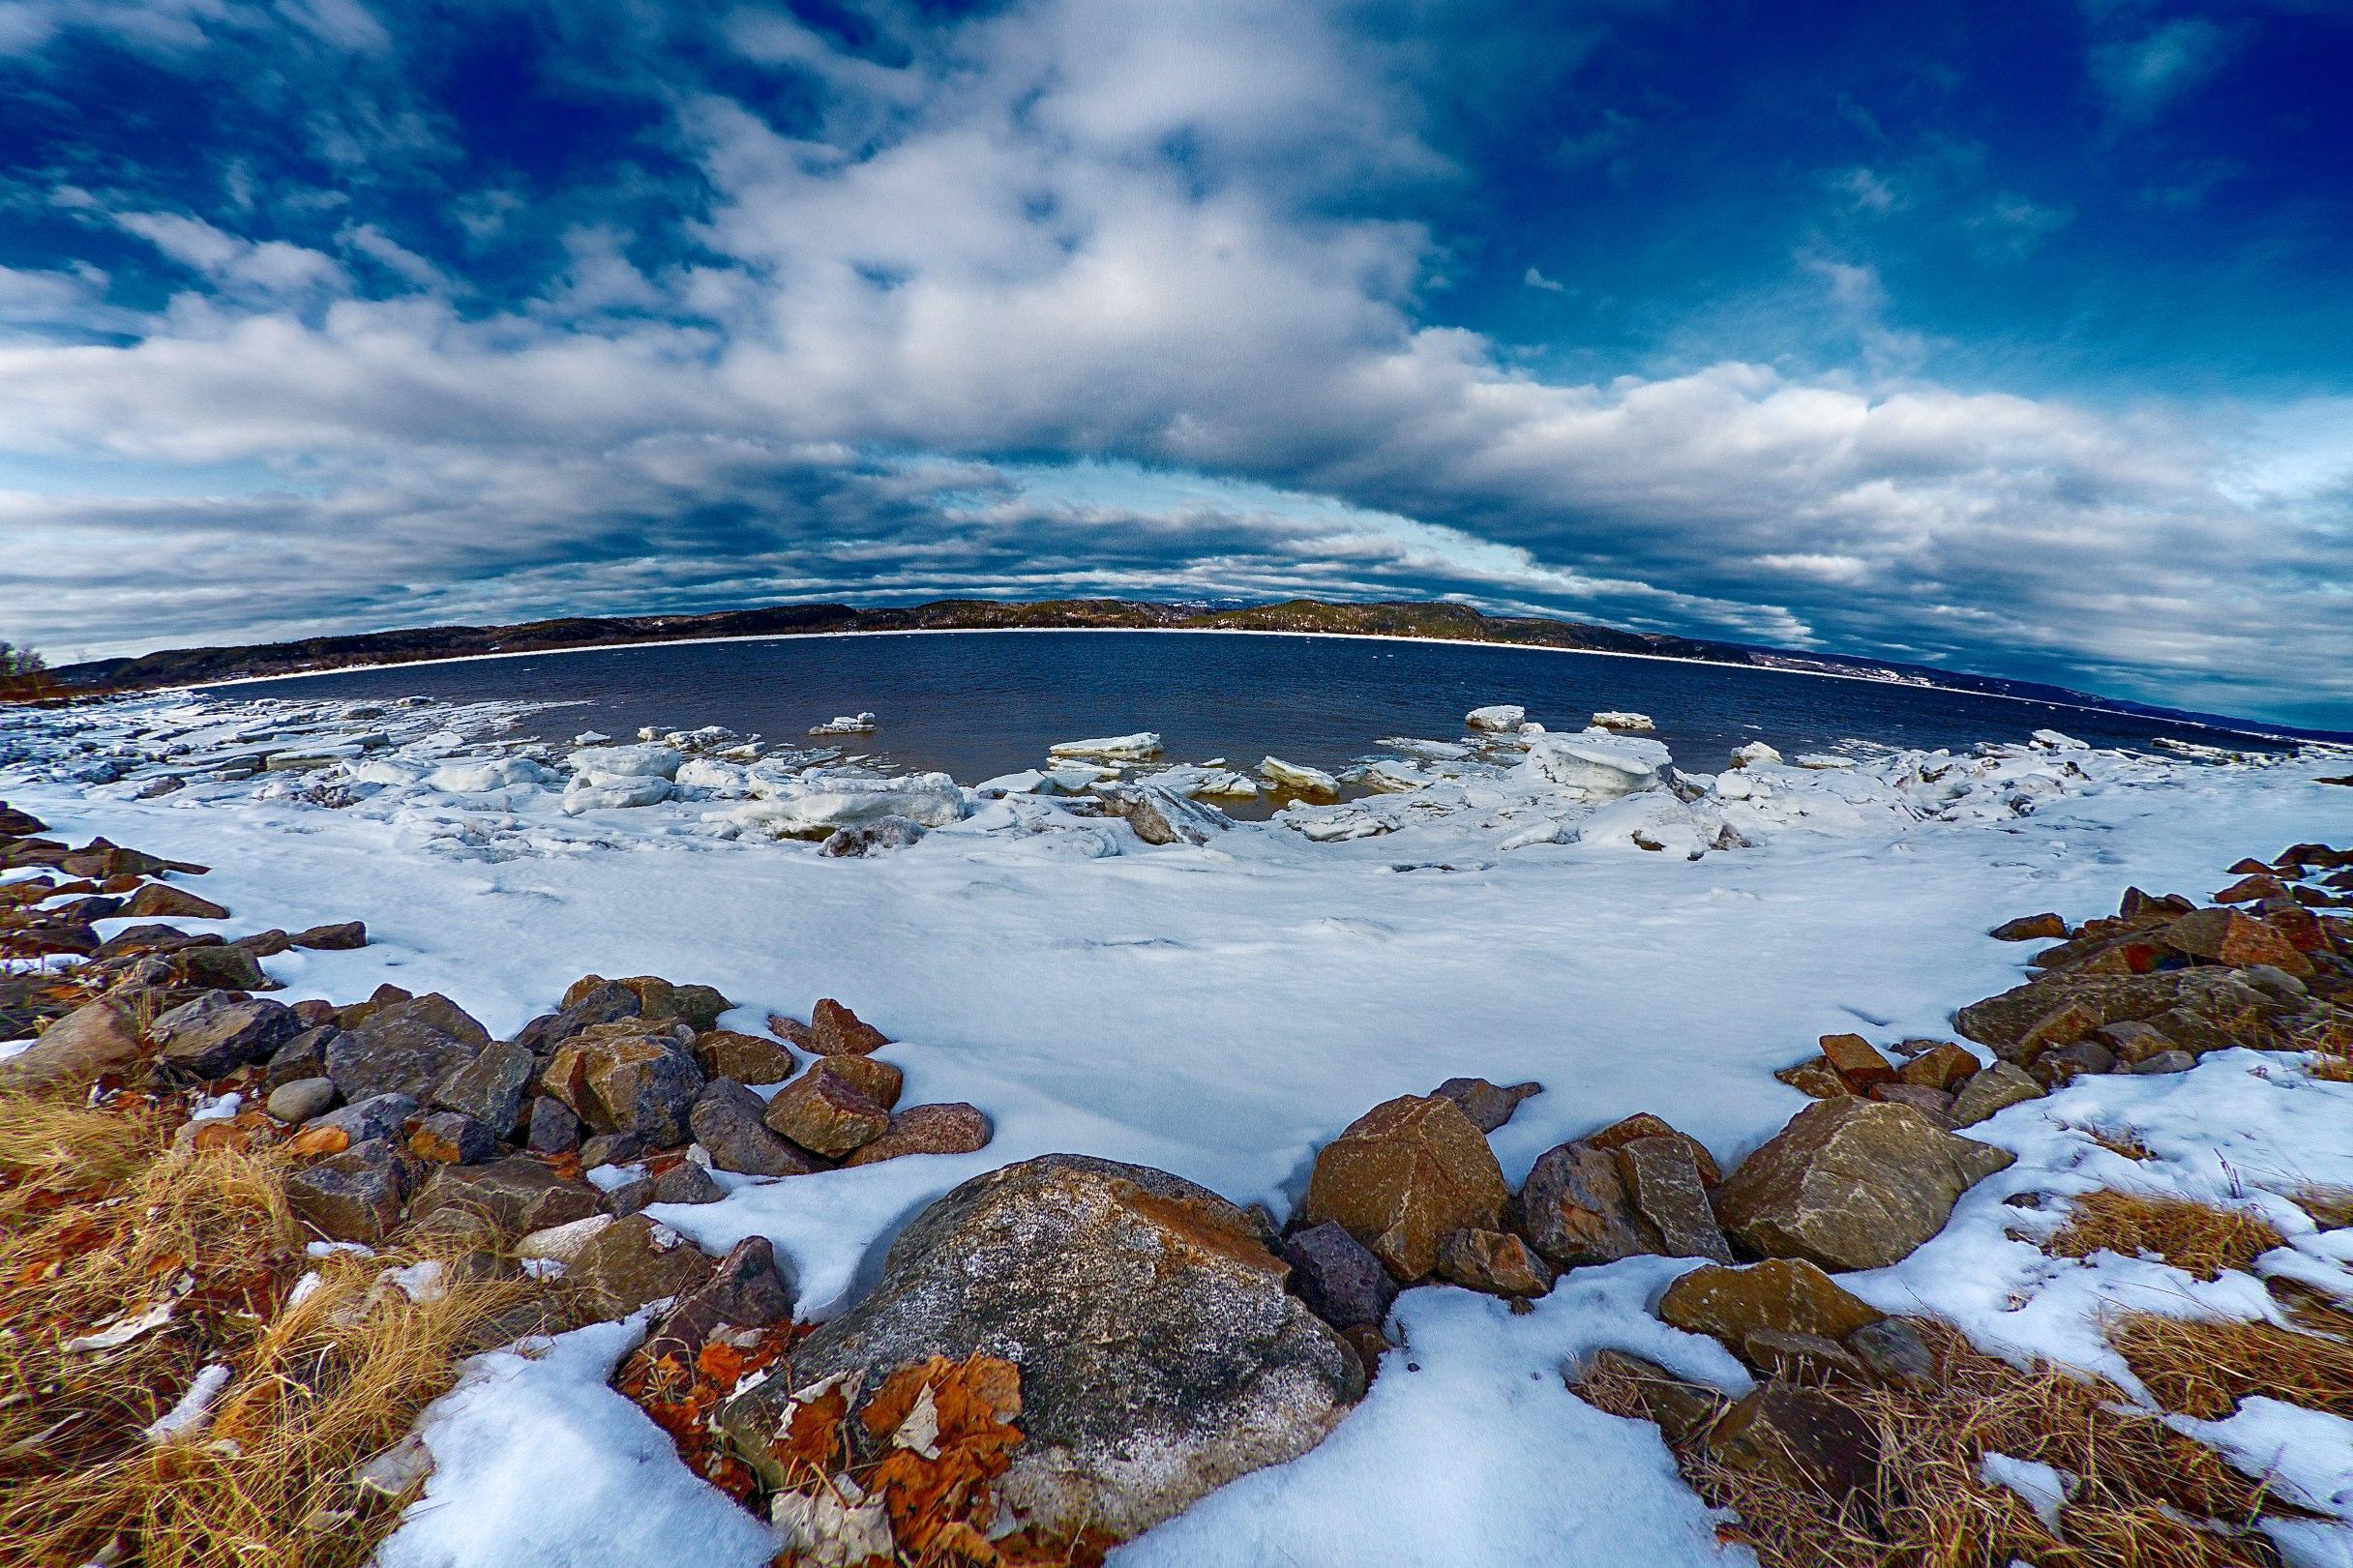 картинки арктической пустыни летом и зимой мнению